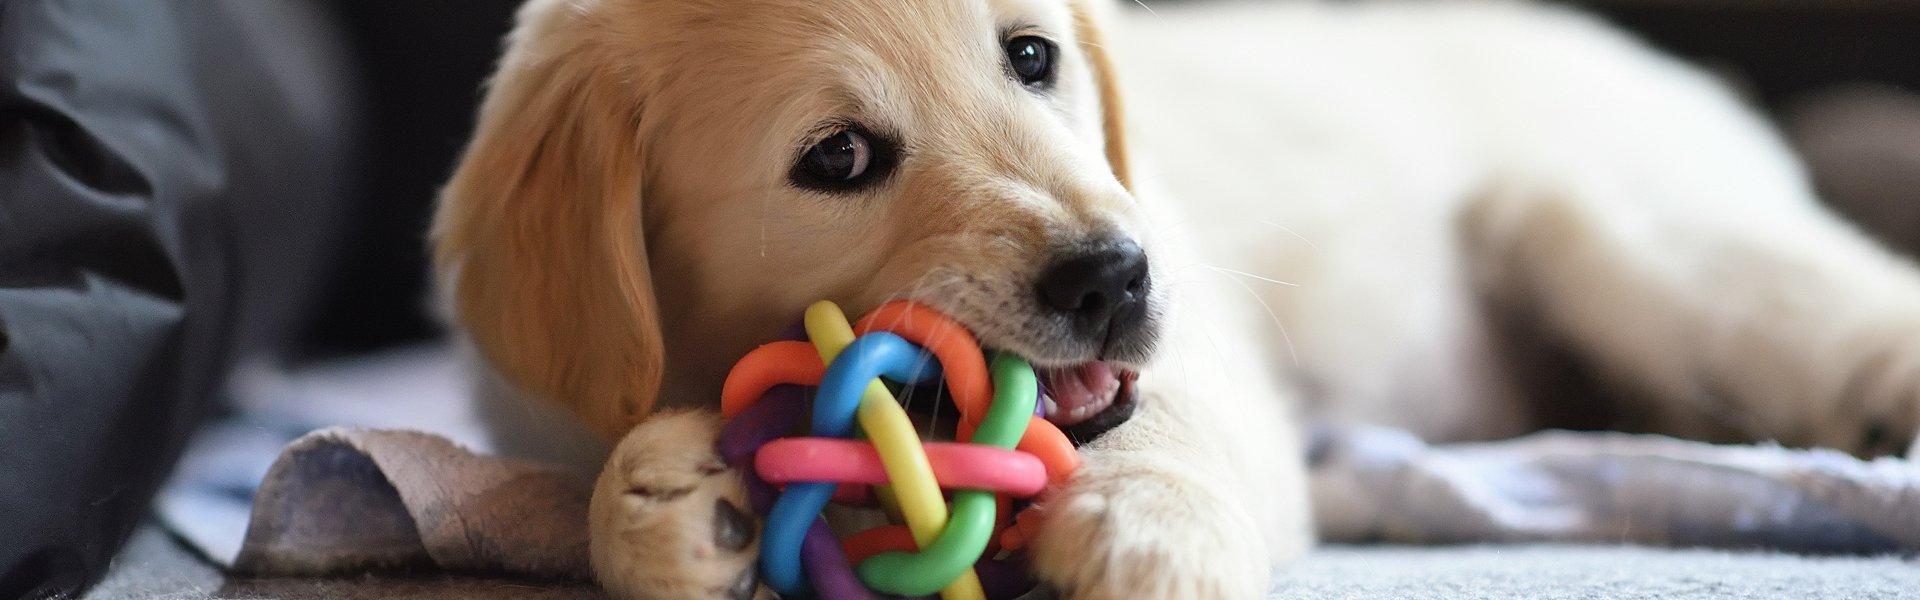 Come creare un concorso fotografico per cuccioli